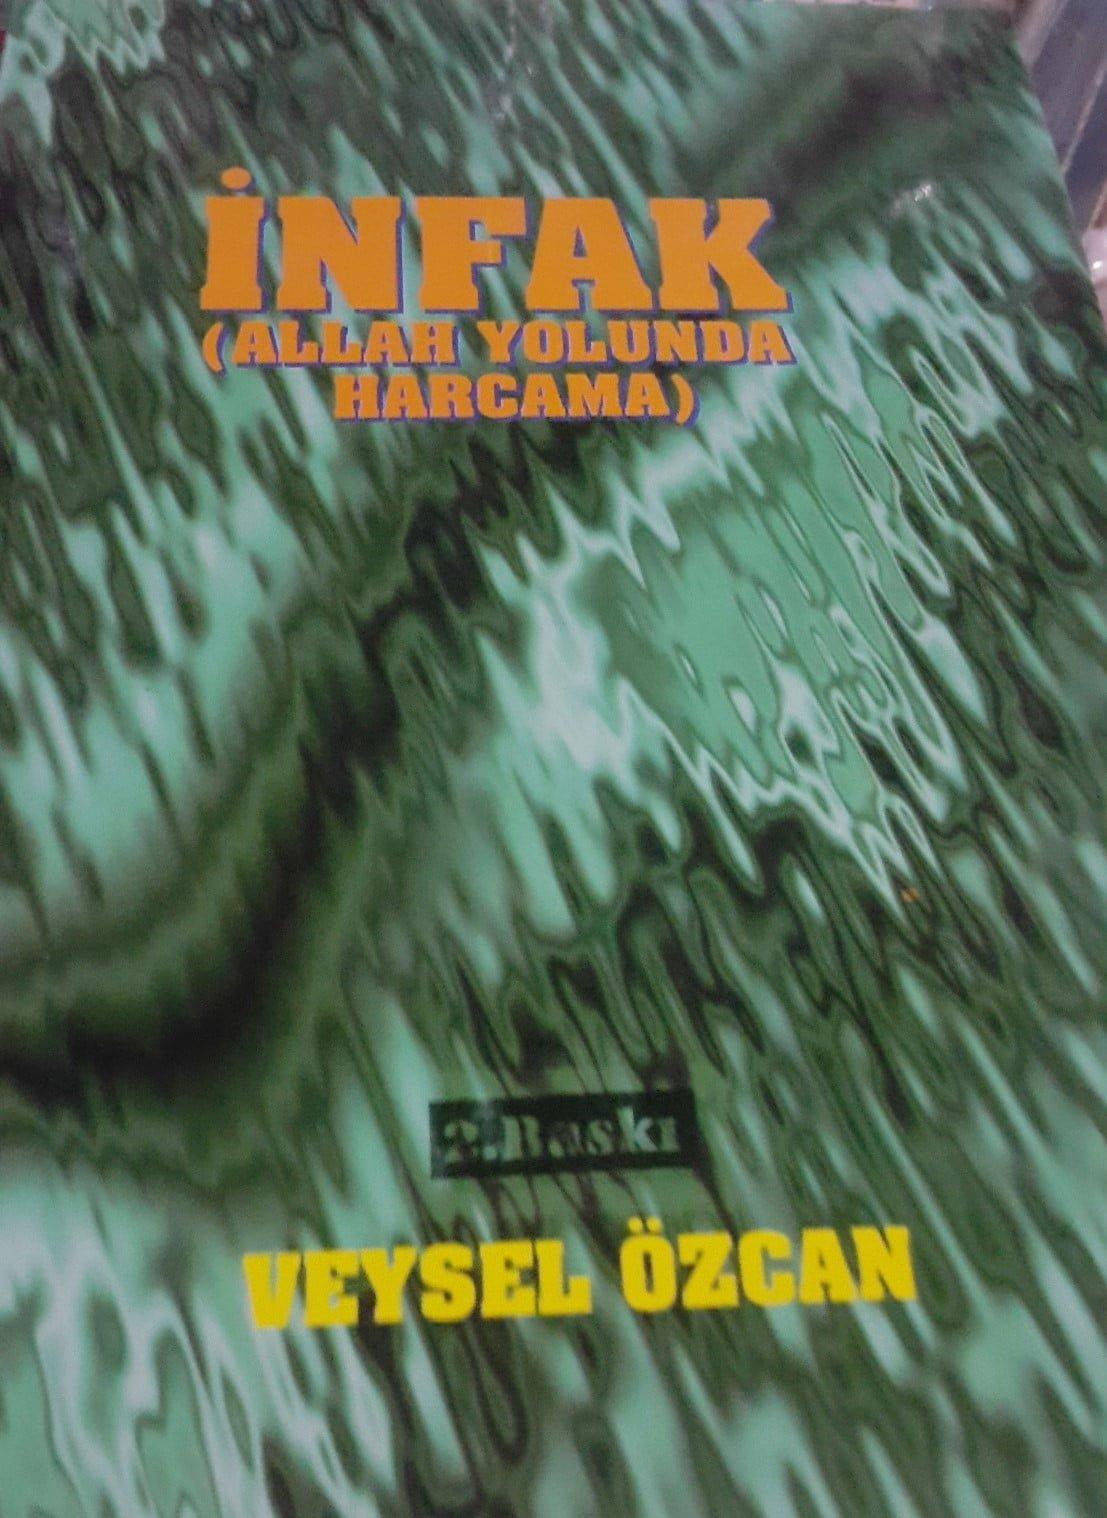 İNFAK/Veysel Özcan